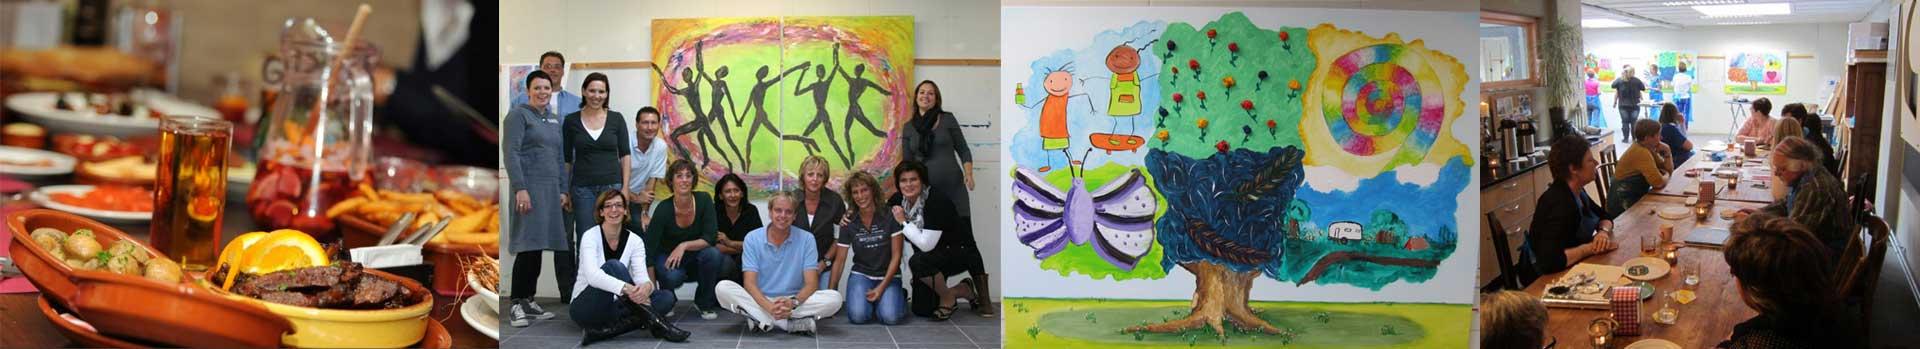 banner creatief teamuitje Tilburg-Breda